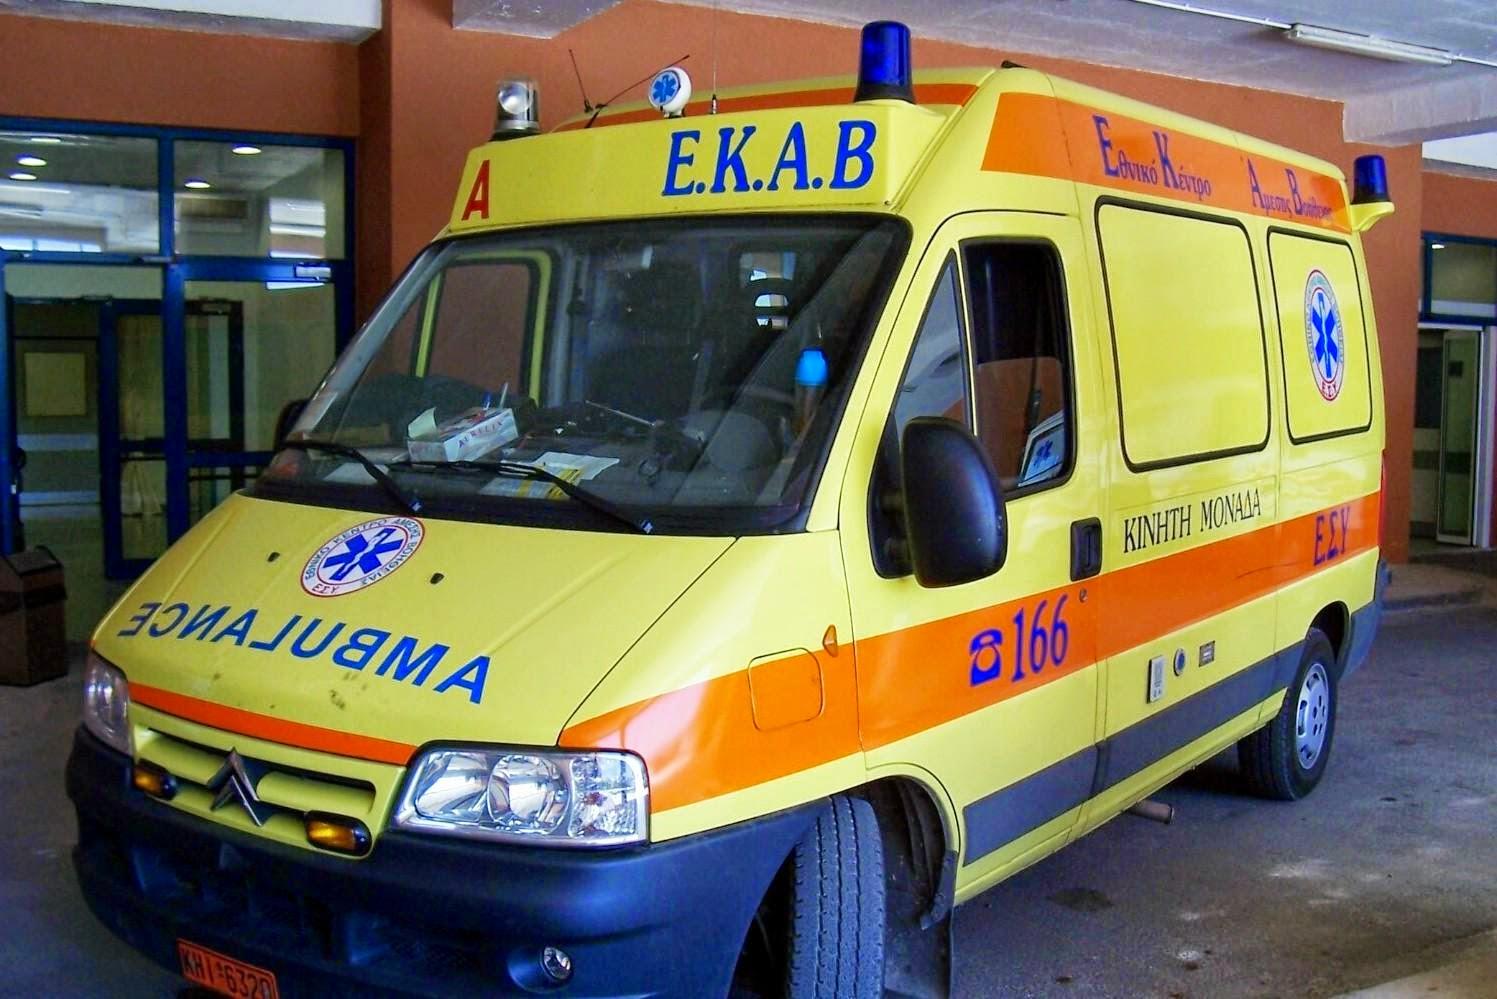 Ηράκλειο: Νέο εργατικό ατύχημα-Σε σοβαρή κατάσταση ένας άντρας